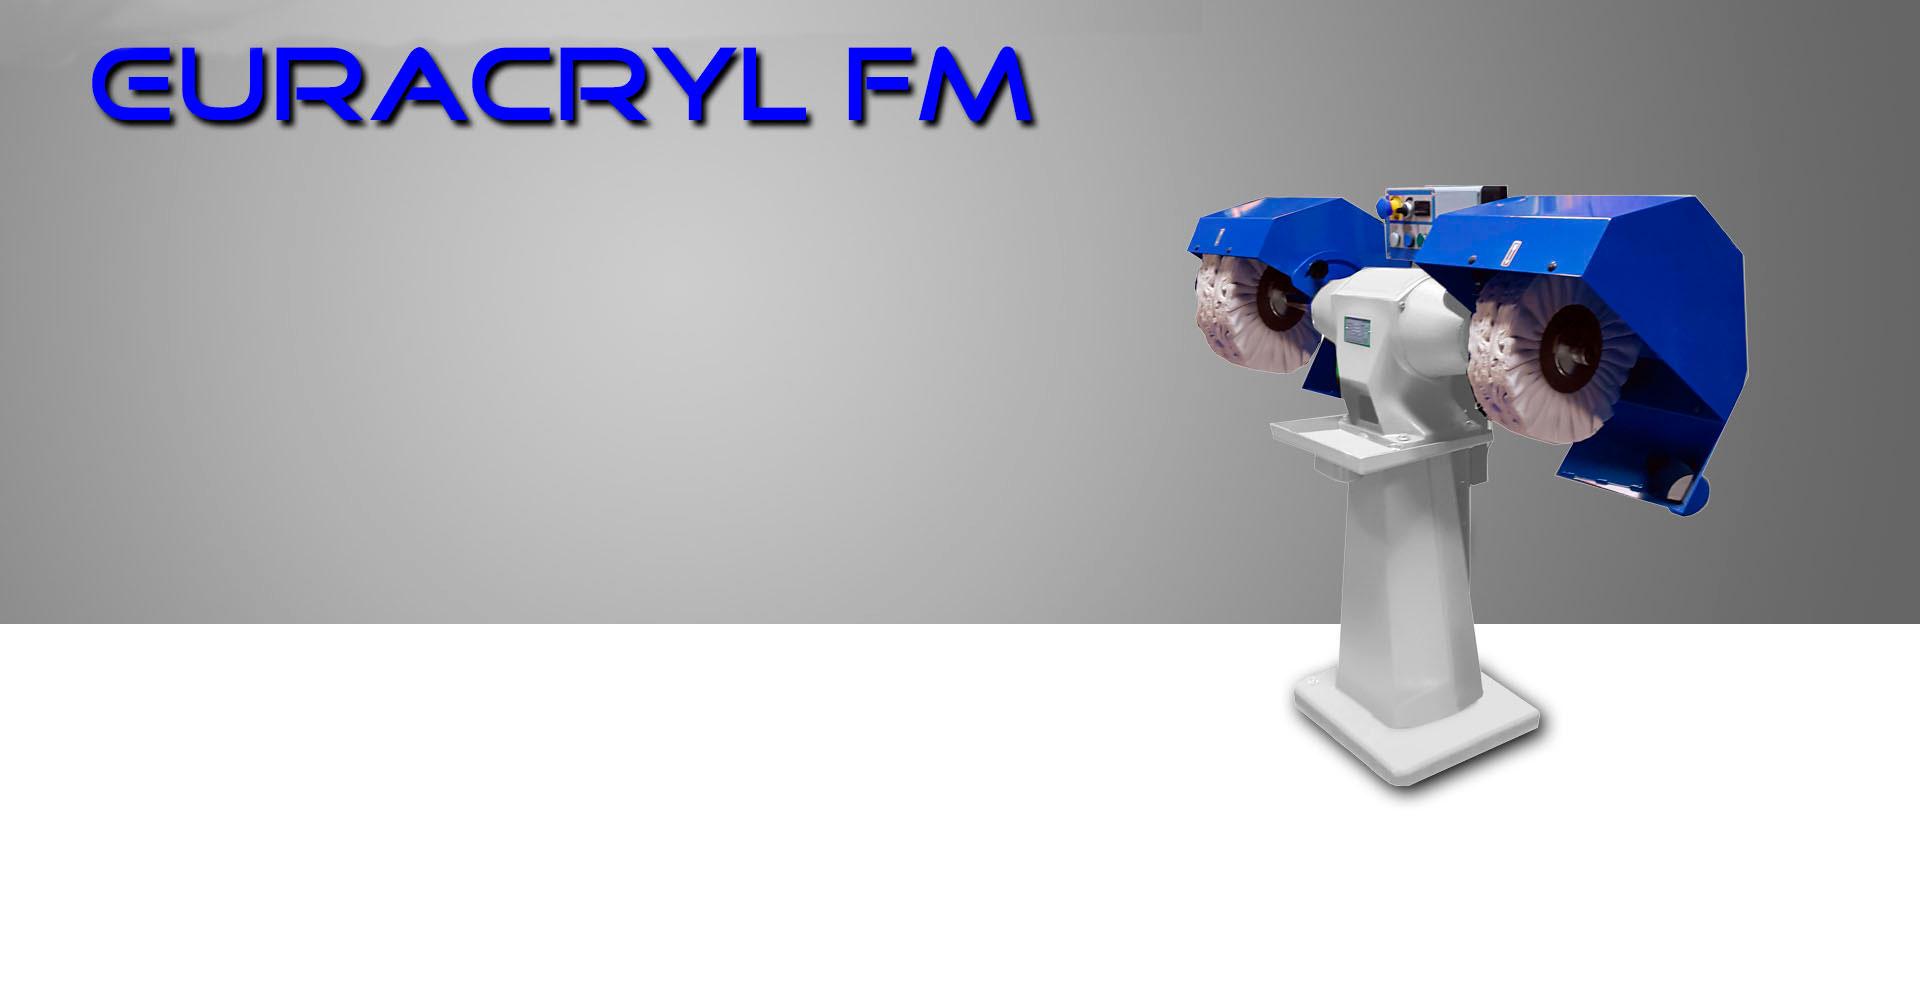 Pulidora de cantos FM Euracryl